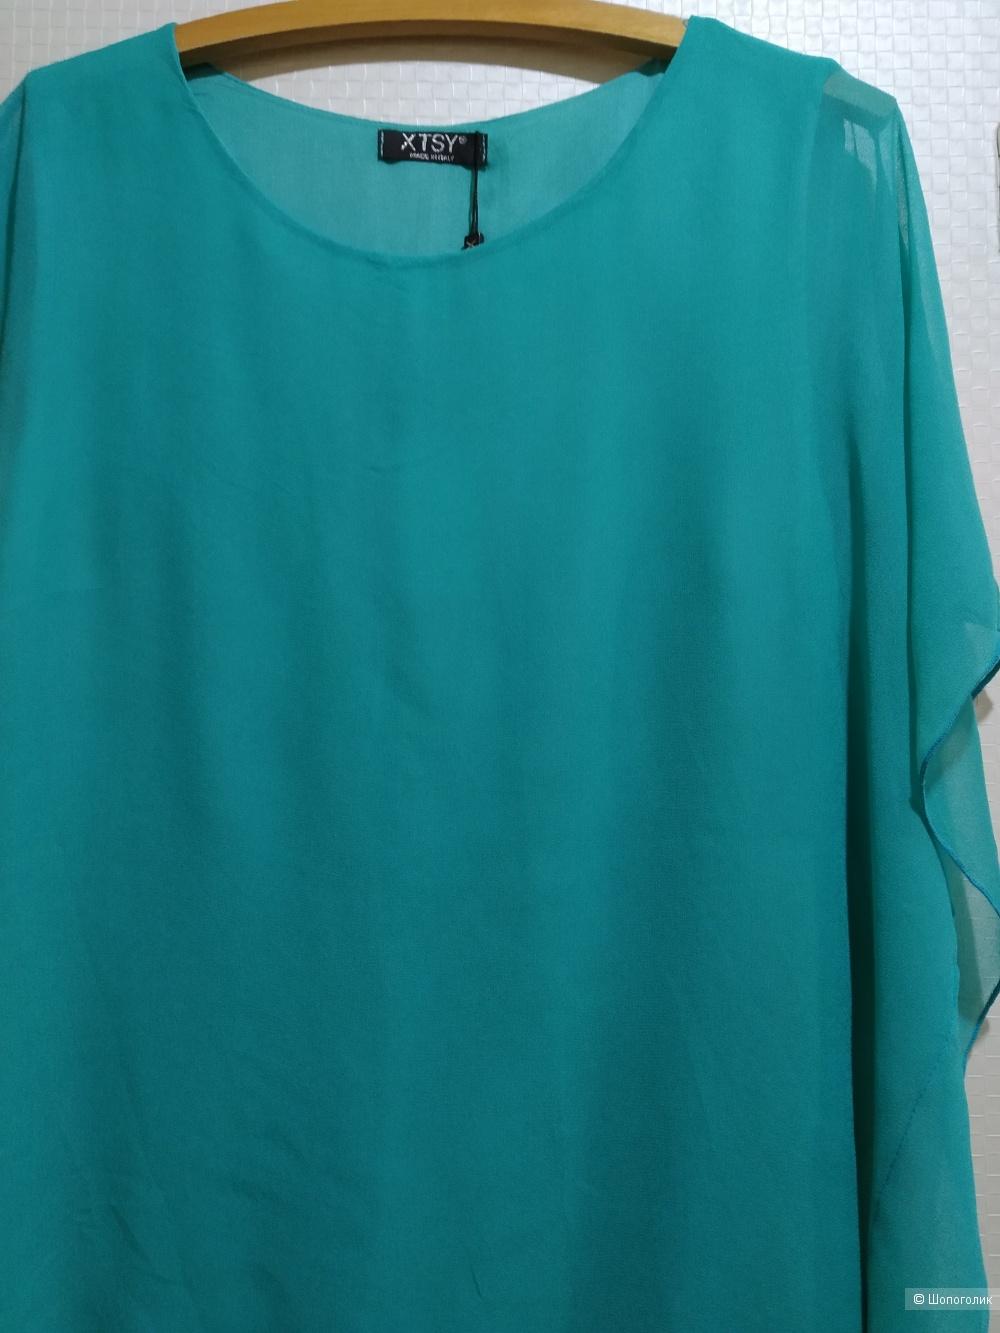 Платье xtsy размер S/M